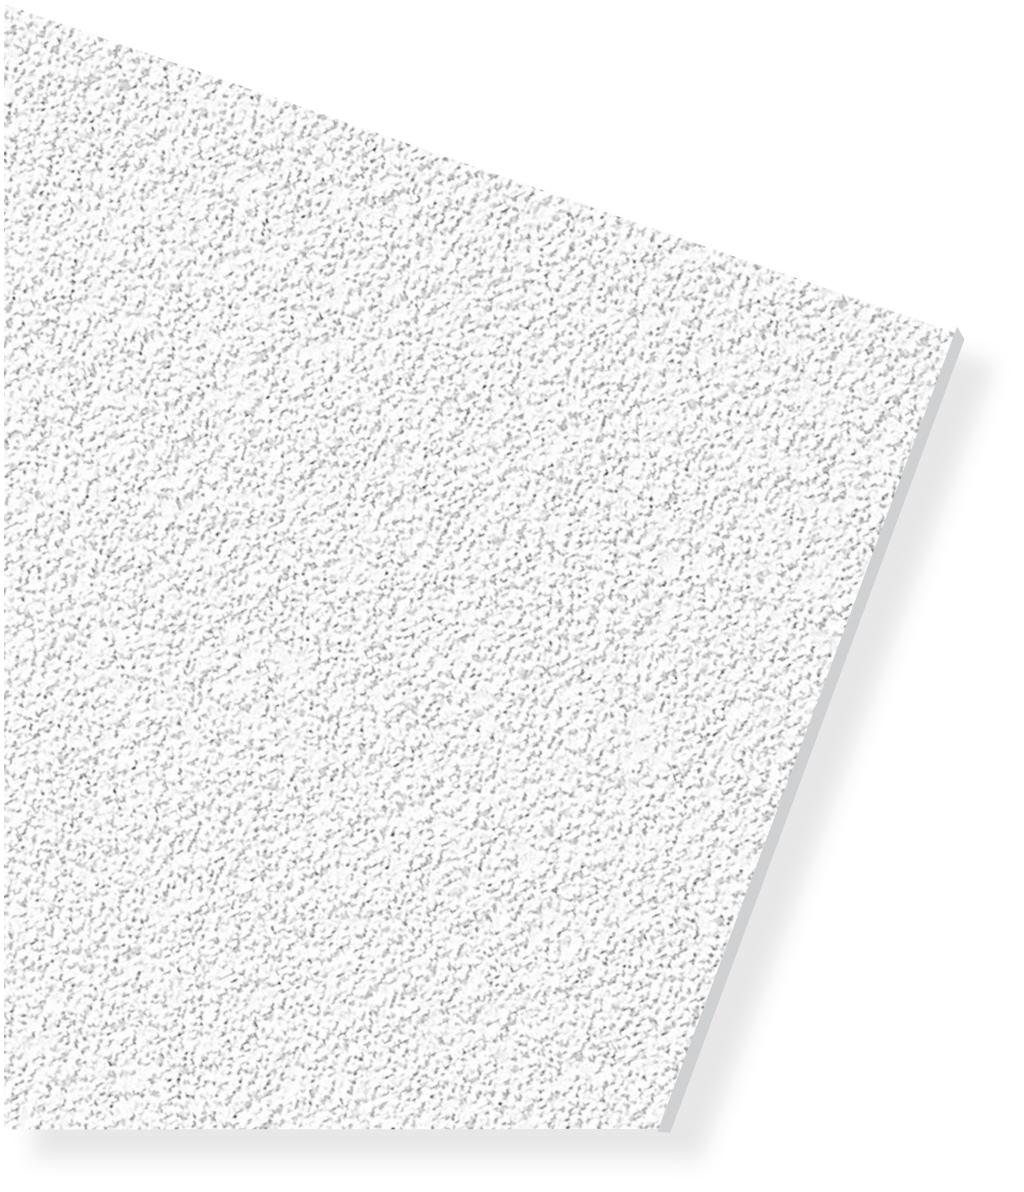 Stropna ploča mineralna THERMATEX FEINSTRATOS SK, 15x600x600 mm, 5,04m2,  AMF